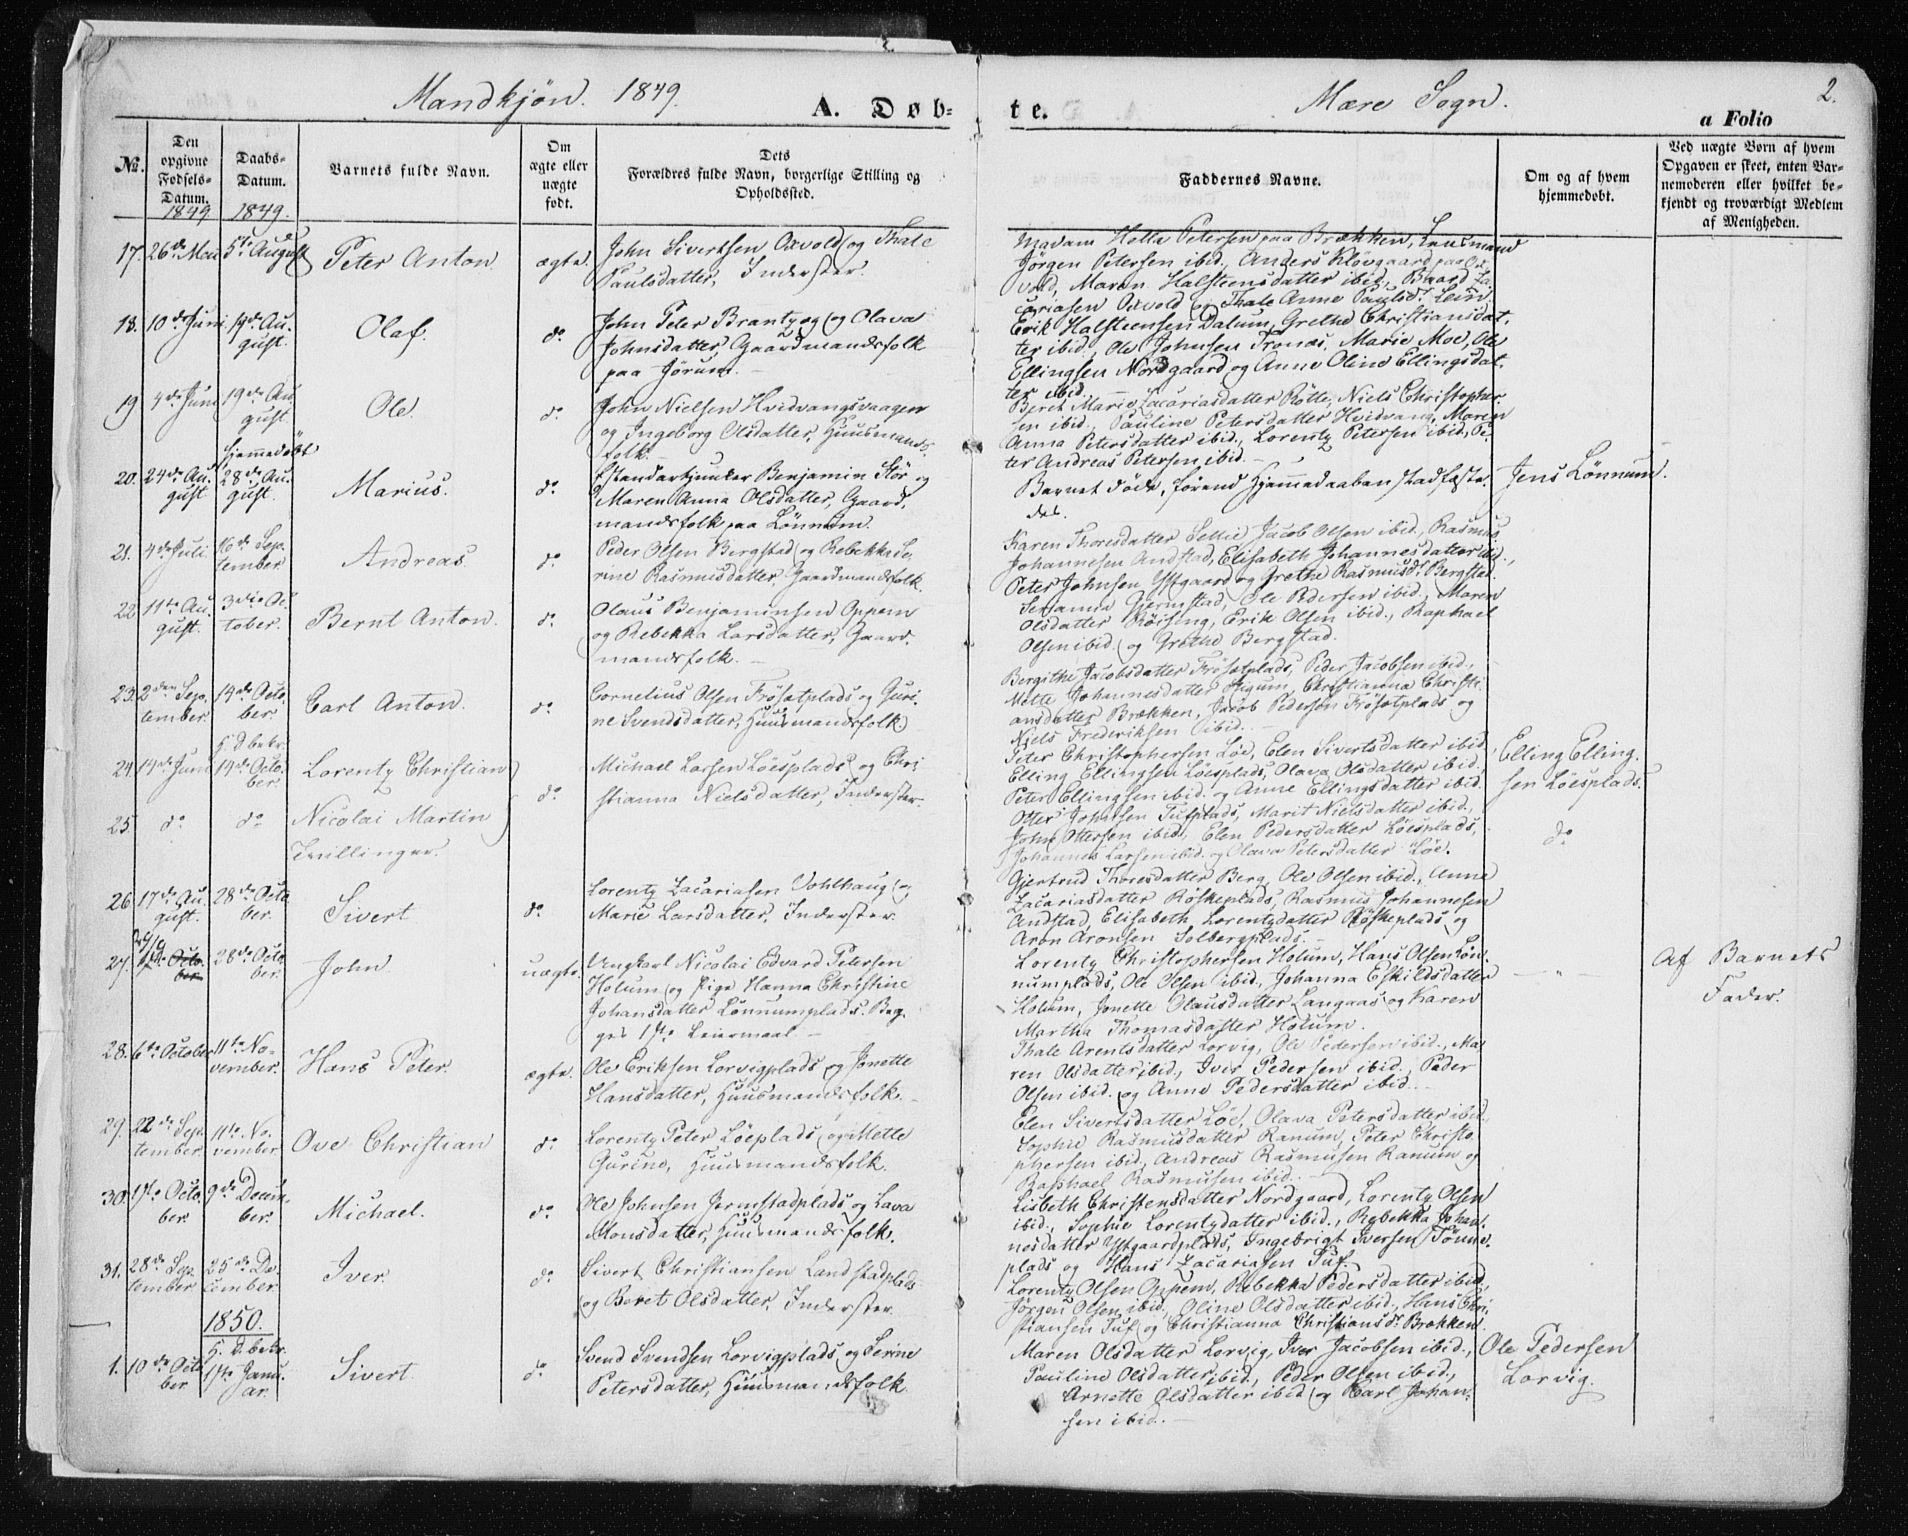 SAT, Ministerialprotokoller, klokkerbøker og fødselsregistre - Nord-Trøndelag, 735/L0342: Ministerialbok nr. 735A07 /1, 1849-1862, s. 2